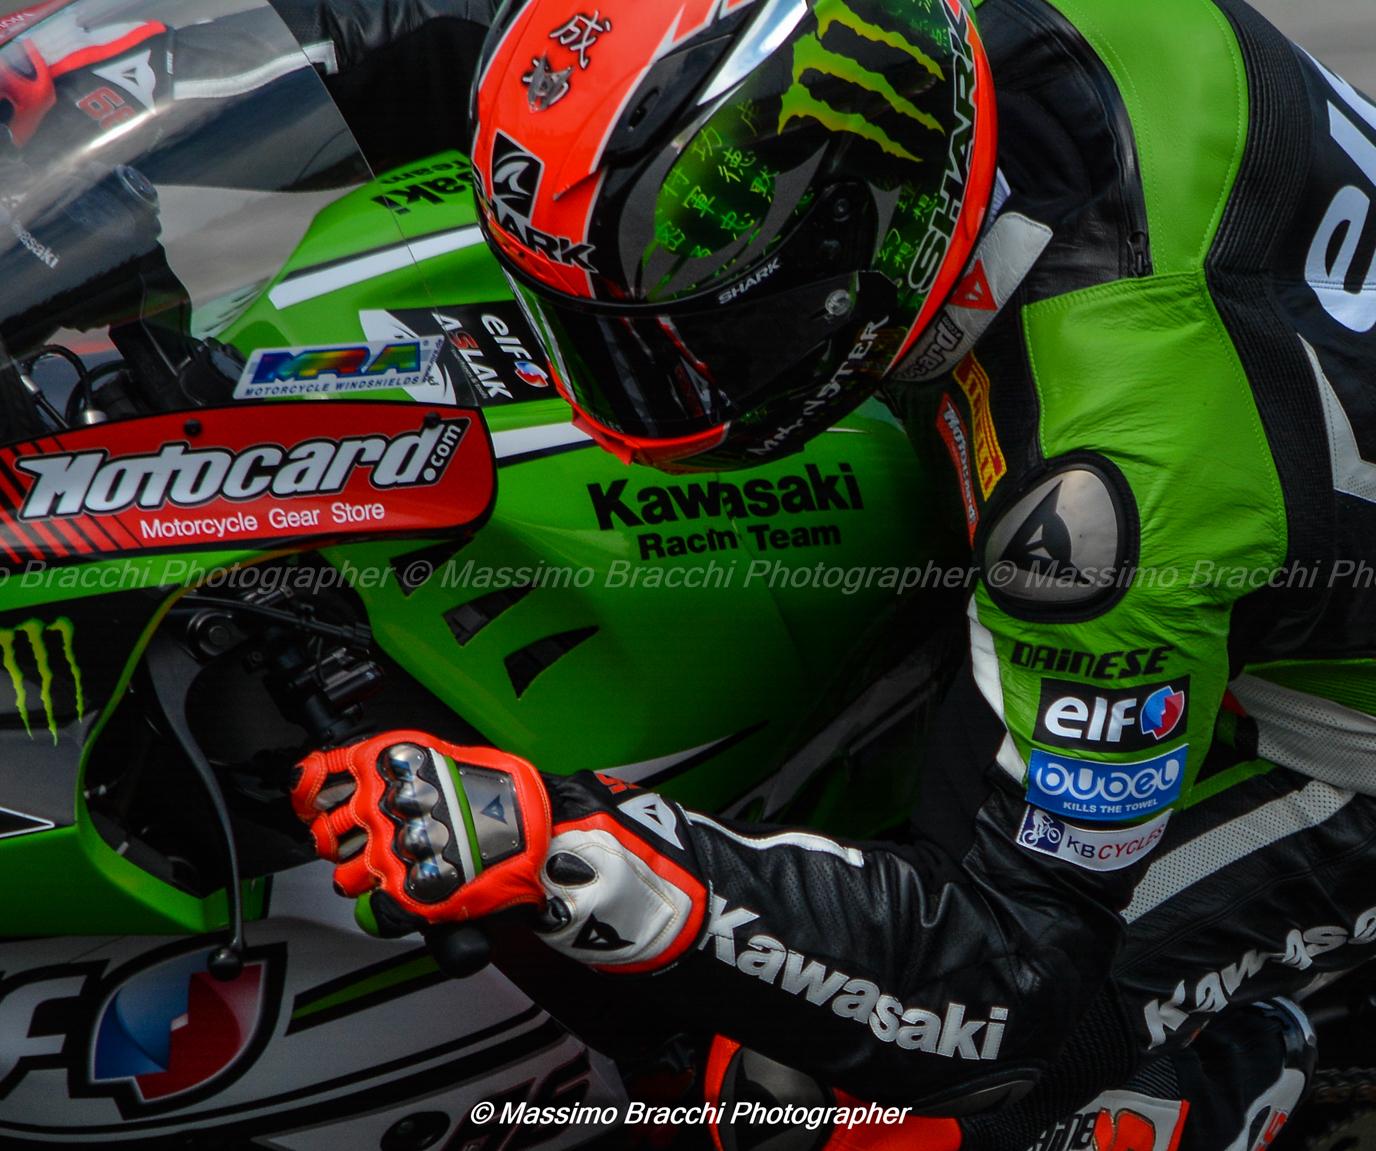 SBK GALLERY - Green power: la Kawasaki moto da battere, non una mission impossible ma certamente non sarà facile togliere a Rea  il primato.